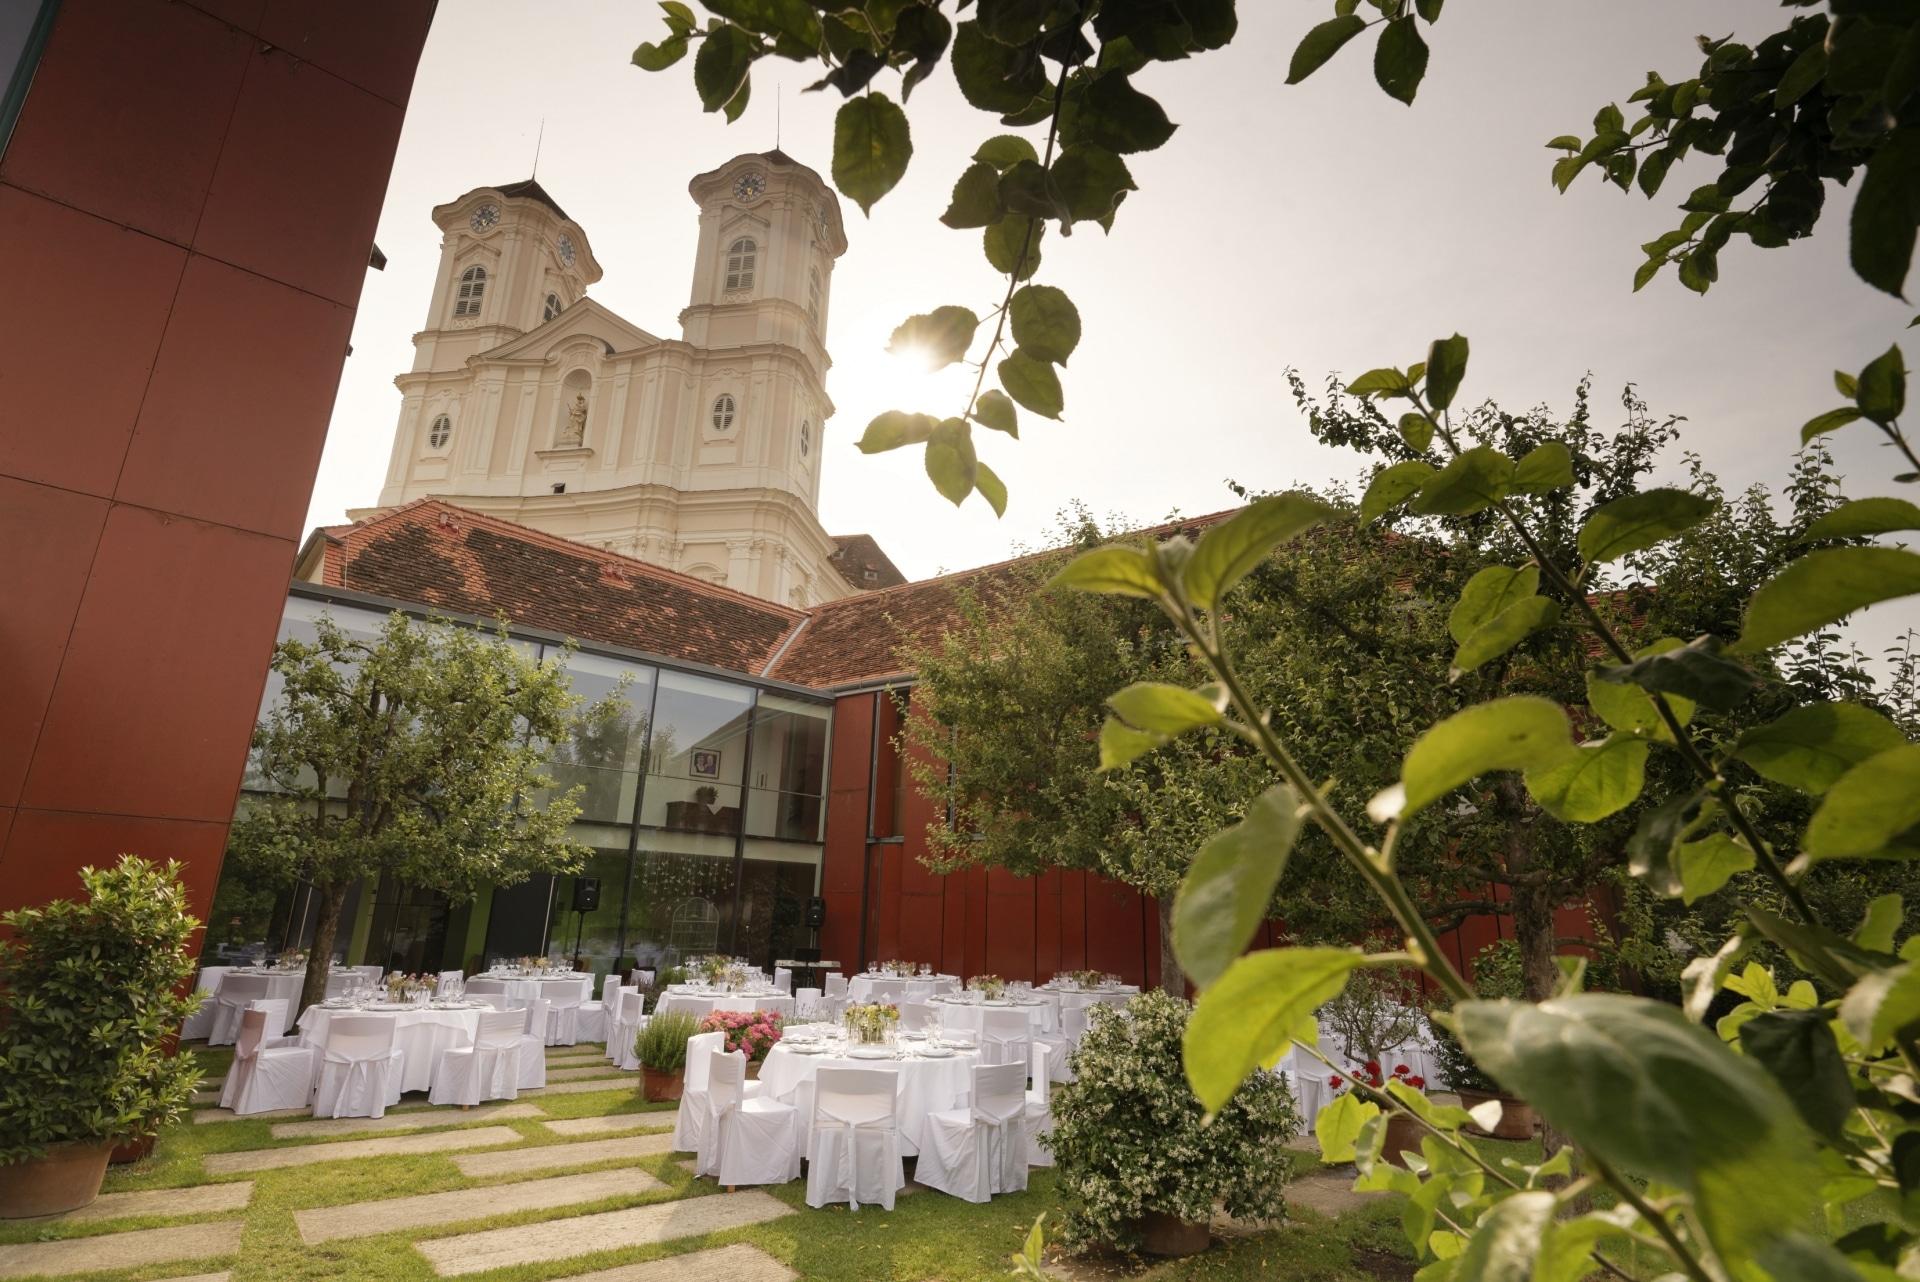 Der Ederer mit Blick auf die Basilika